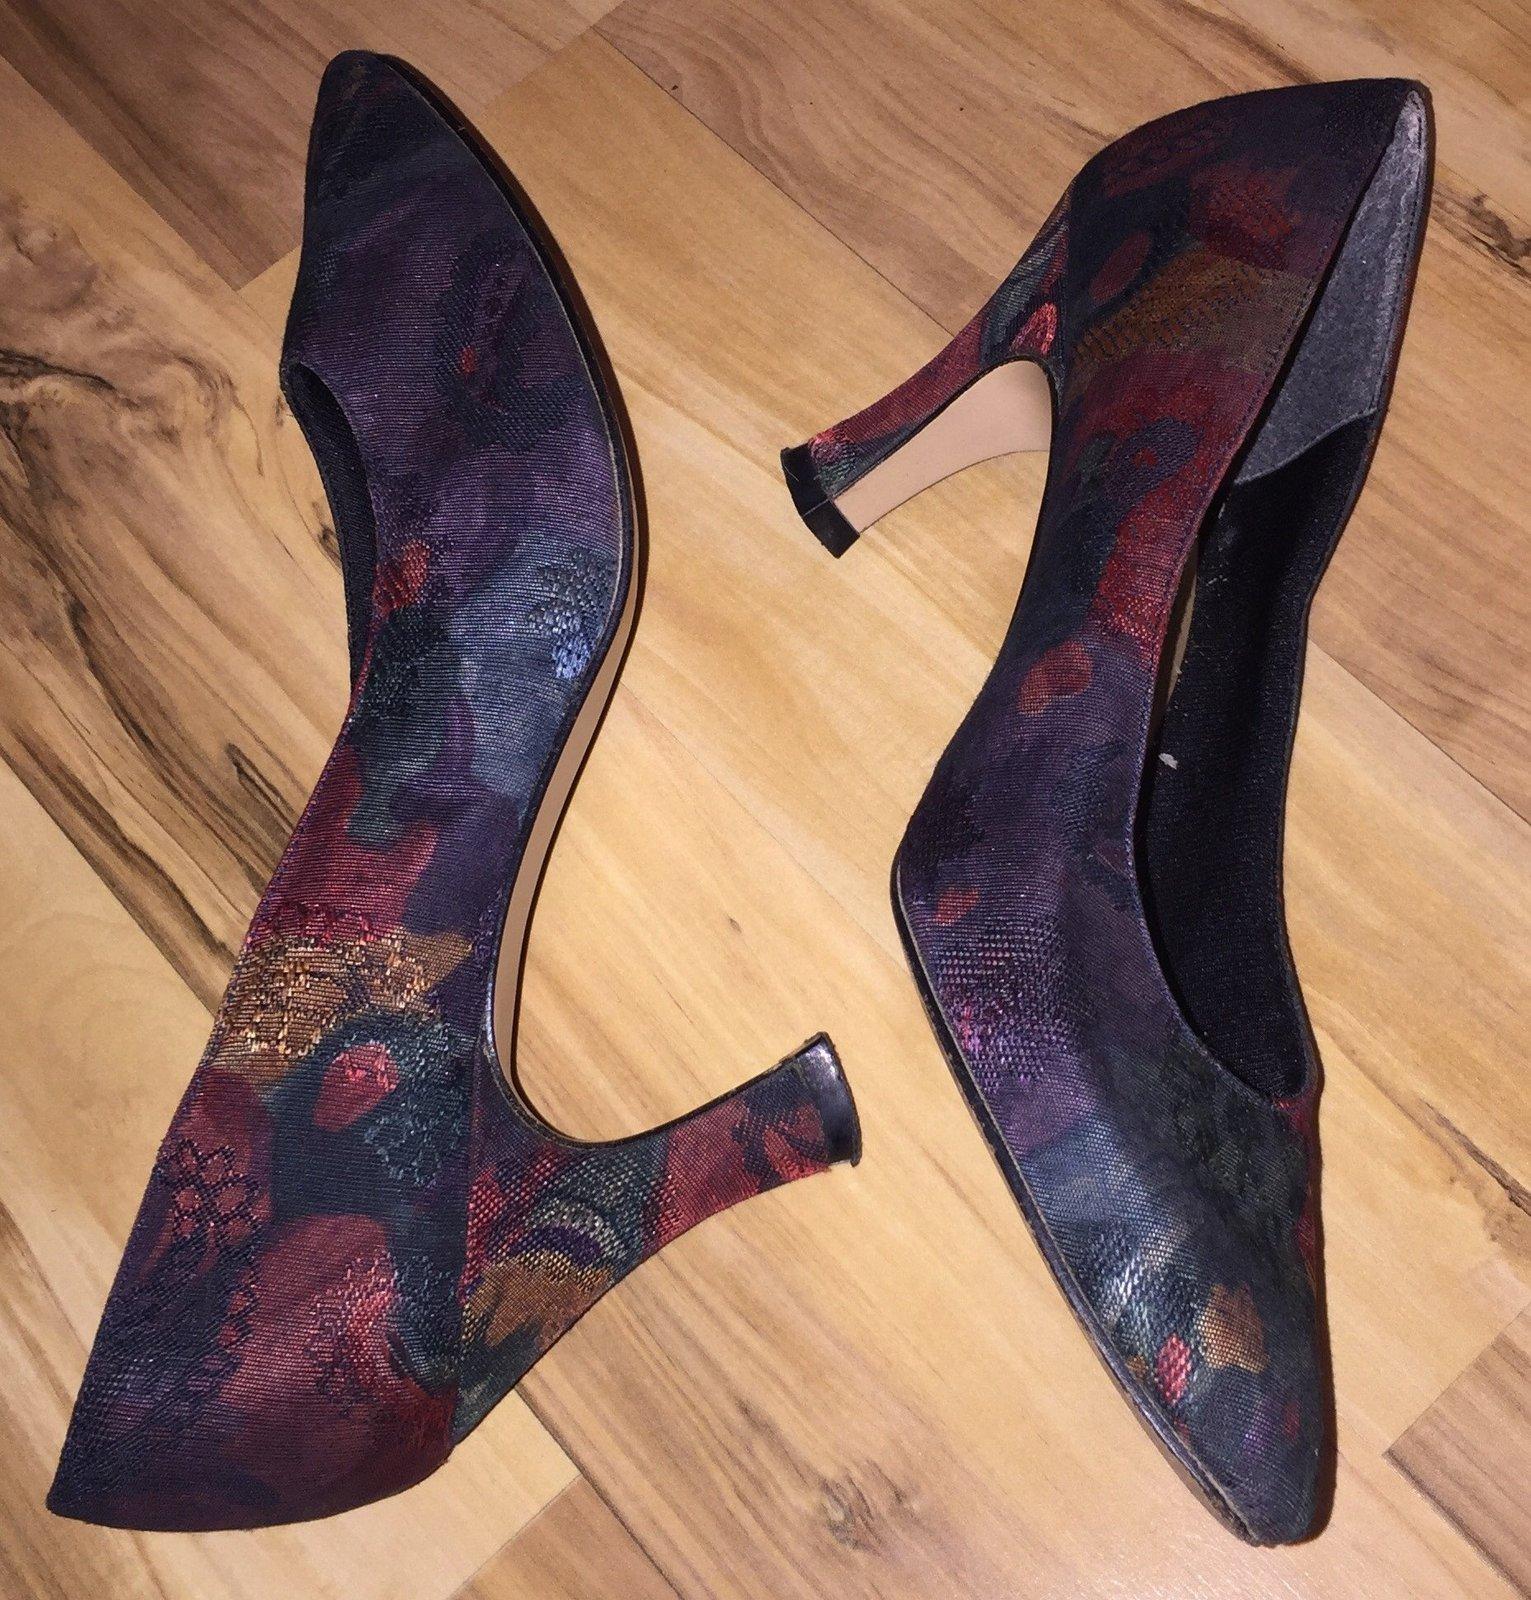 Life Stride Vintage Shoes Size 8N Floral Tapestry Elegant